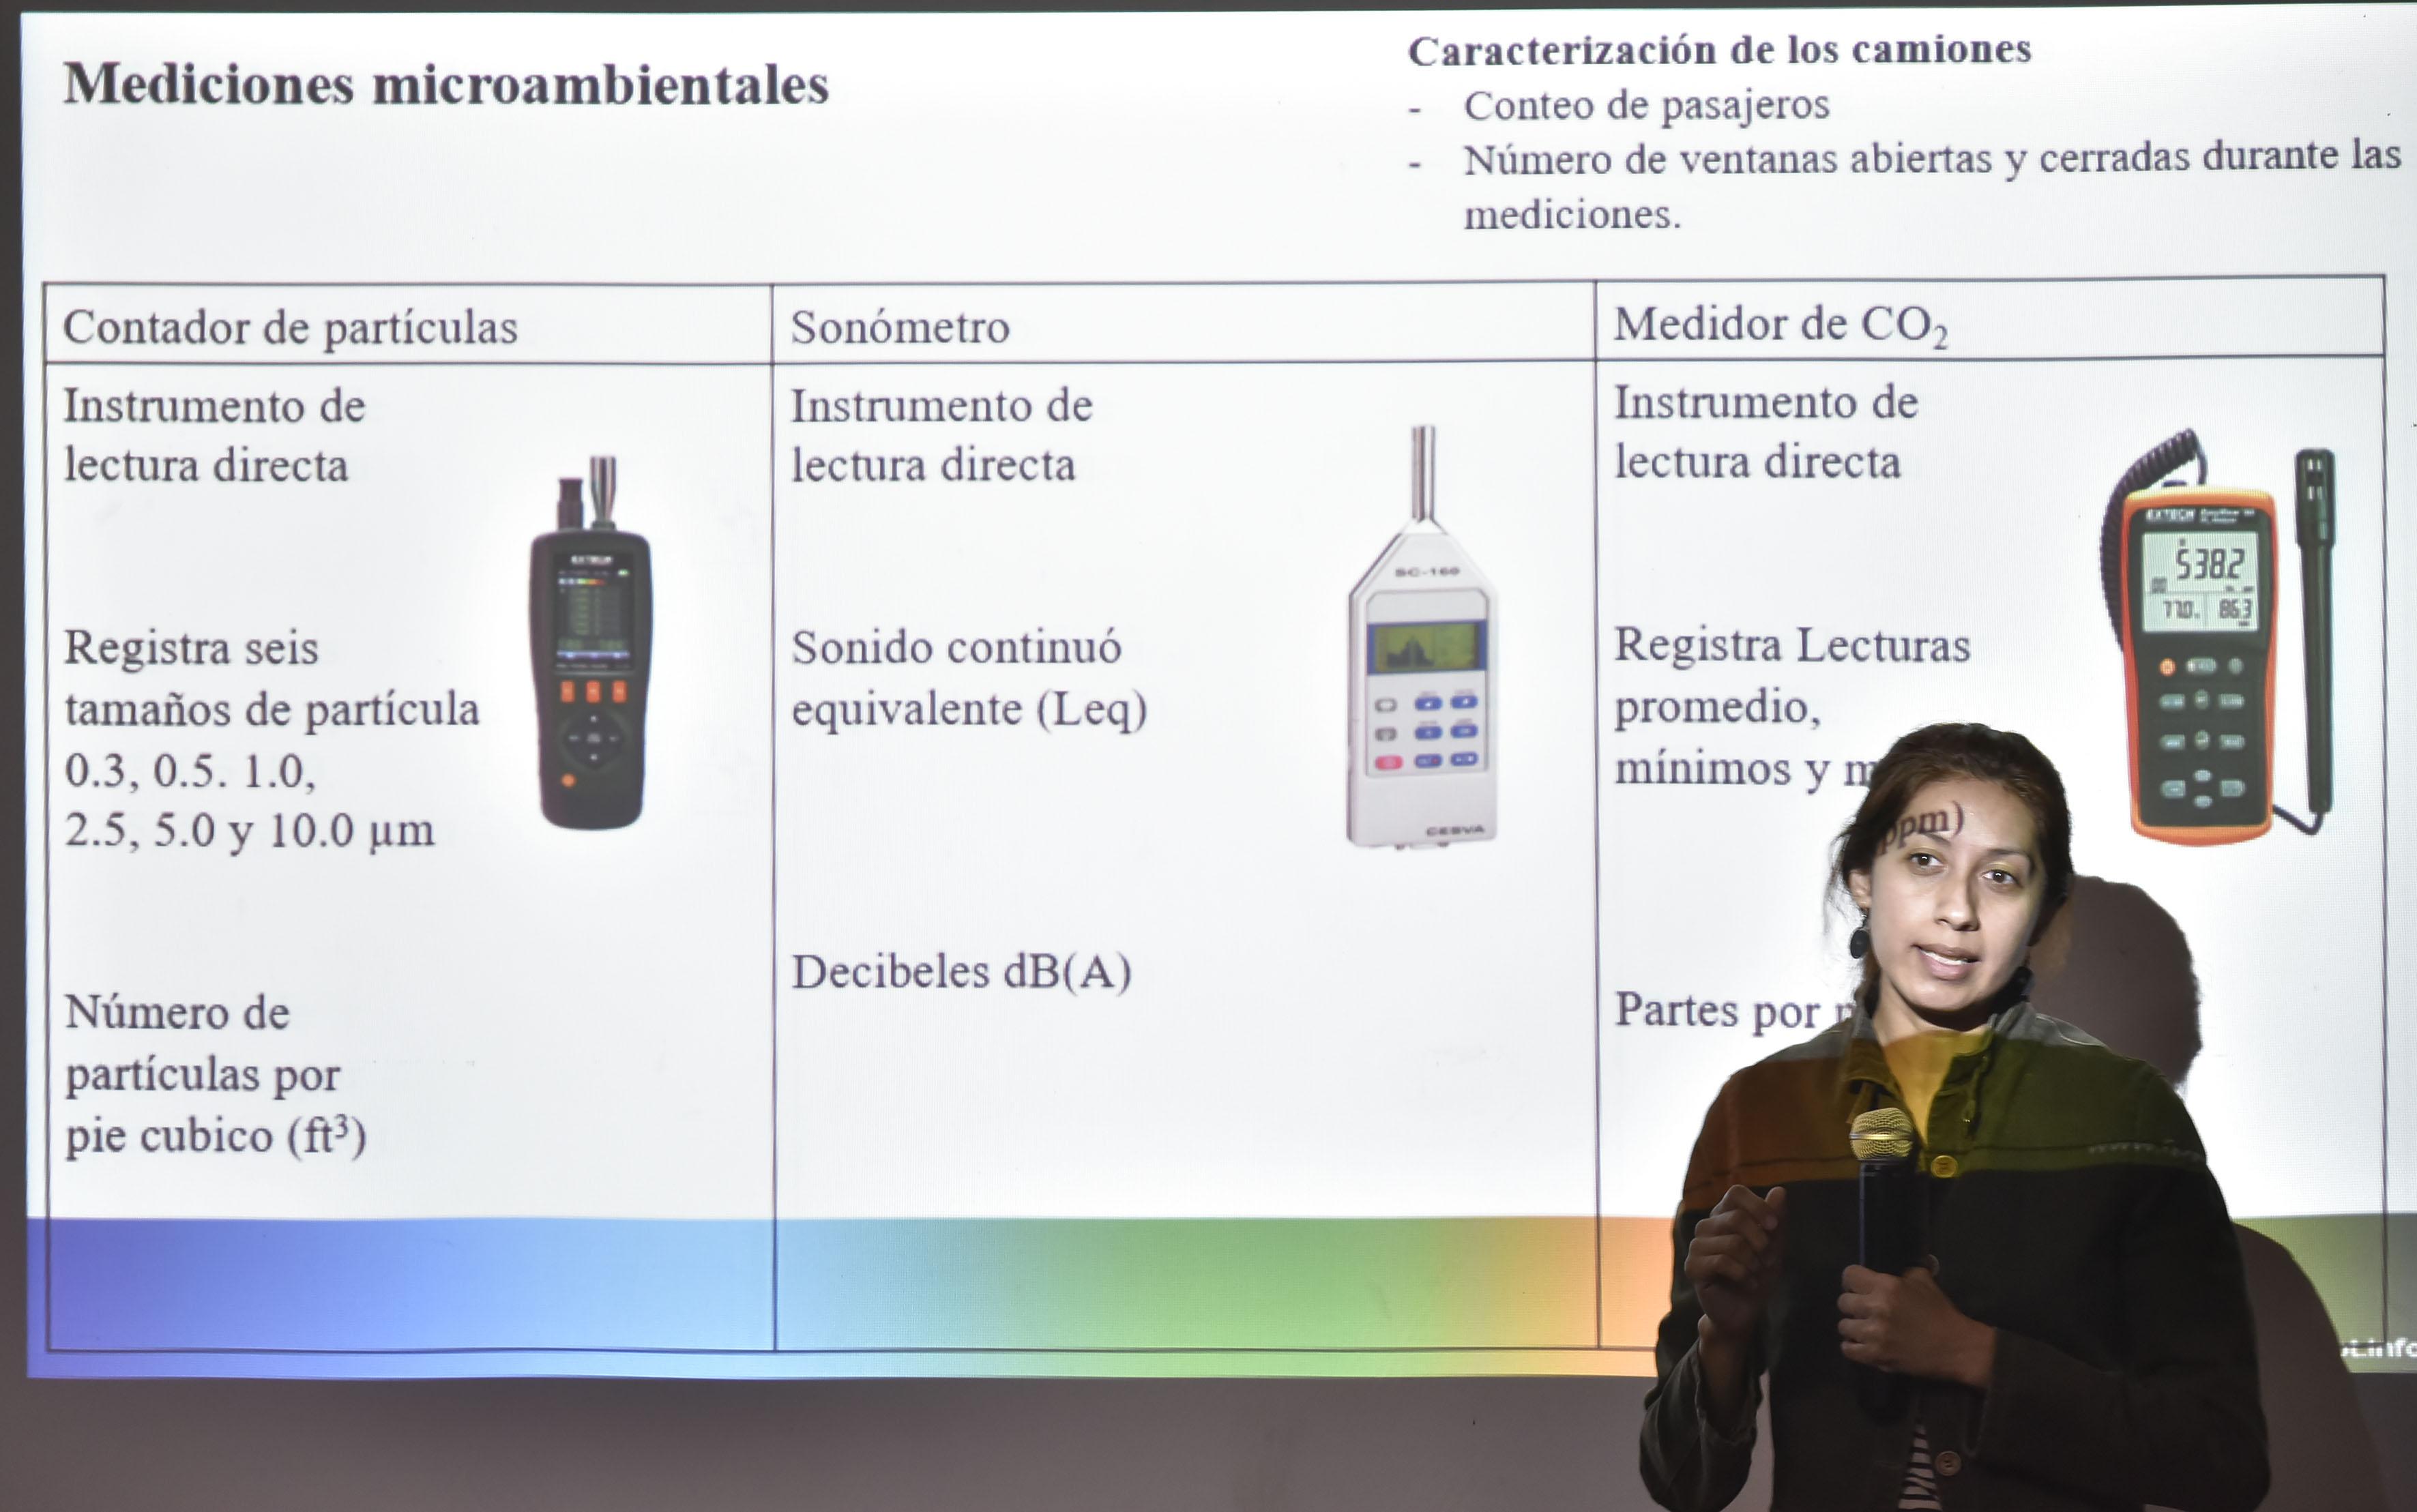 Perla Berenice Sánchez Torres, estudiante de la maestría en Ciencias de la Salud Ambiental del Centro Universitario de Ciencias Biológicas y Ambientales, con mic´rofono enmano, exponiendo los resultados de las mediciones microambientales de su investigación.